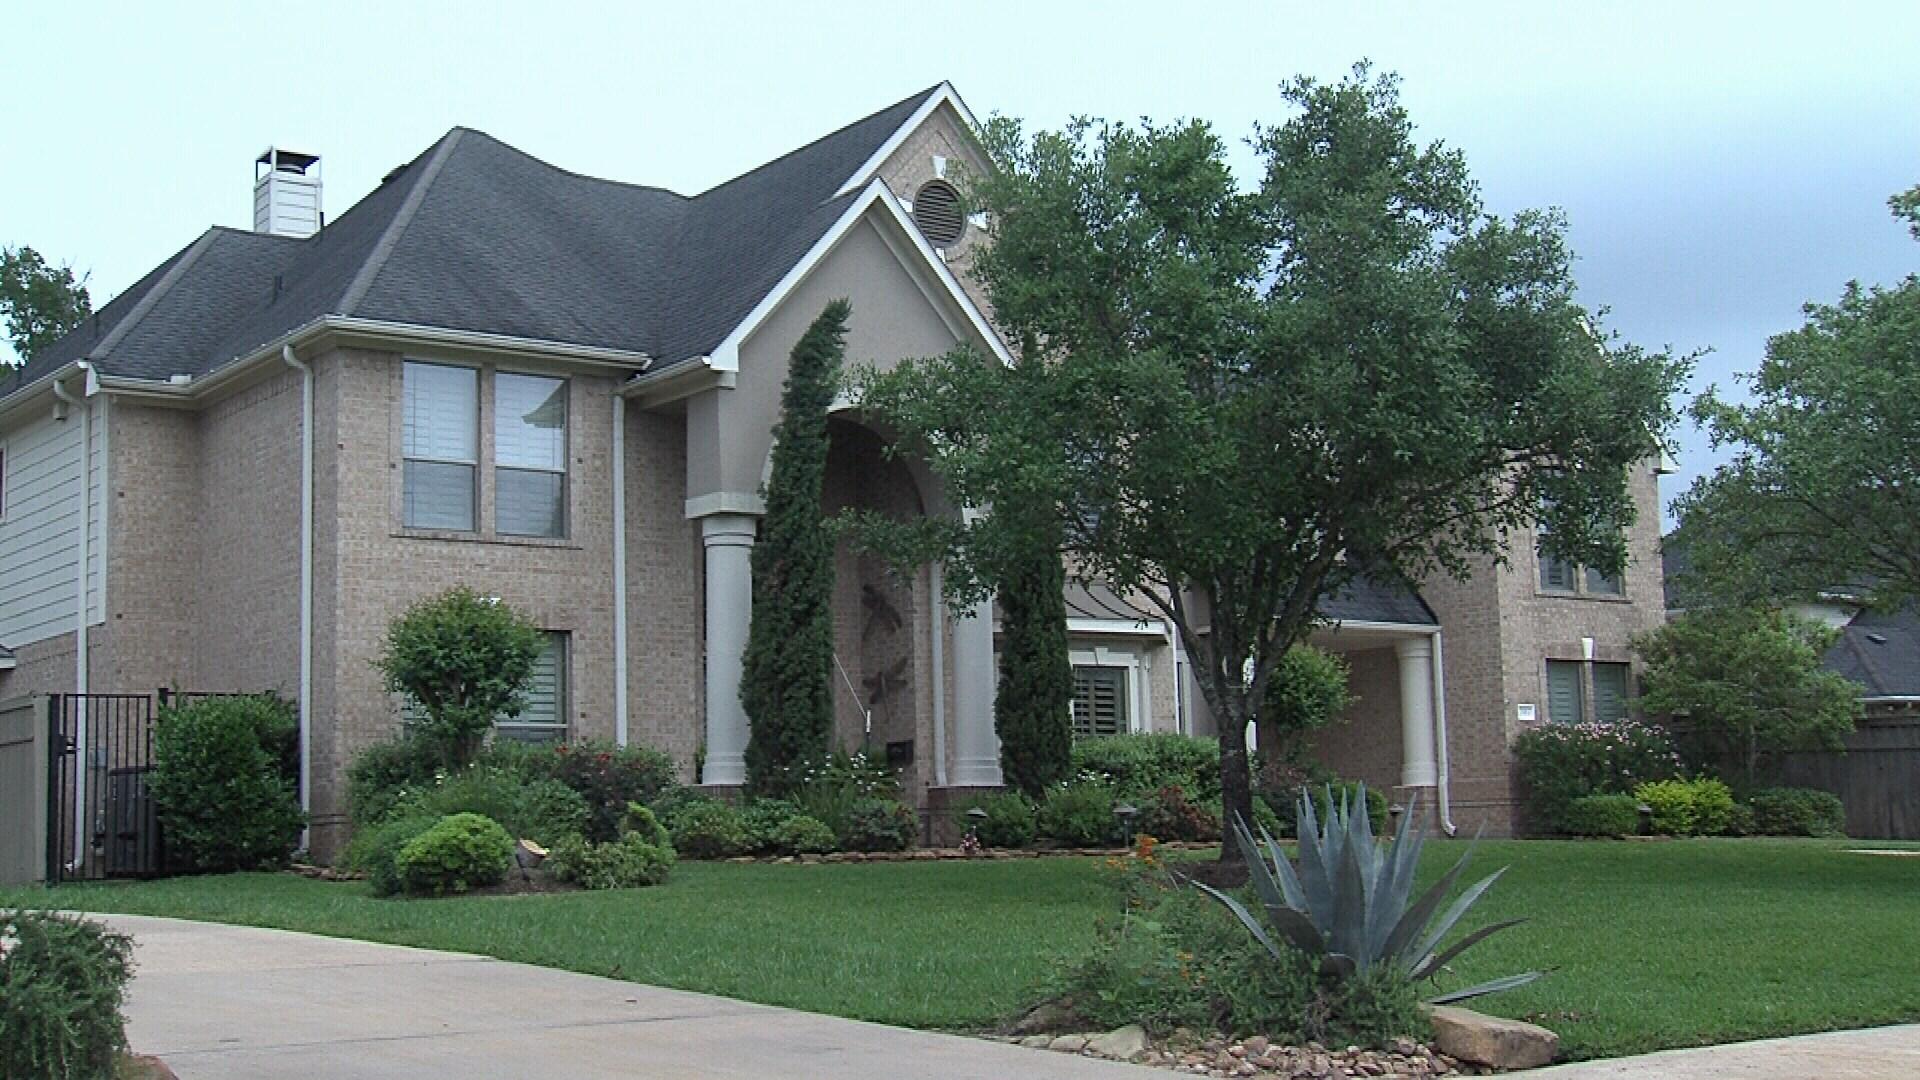 Bajjali's home in Missouri City, TX